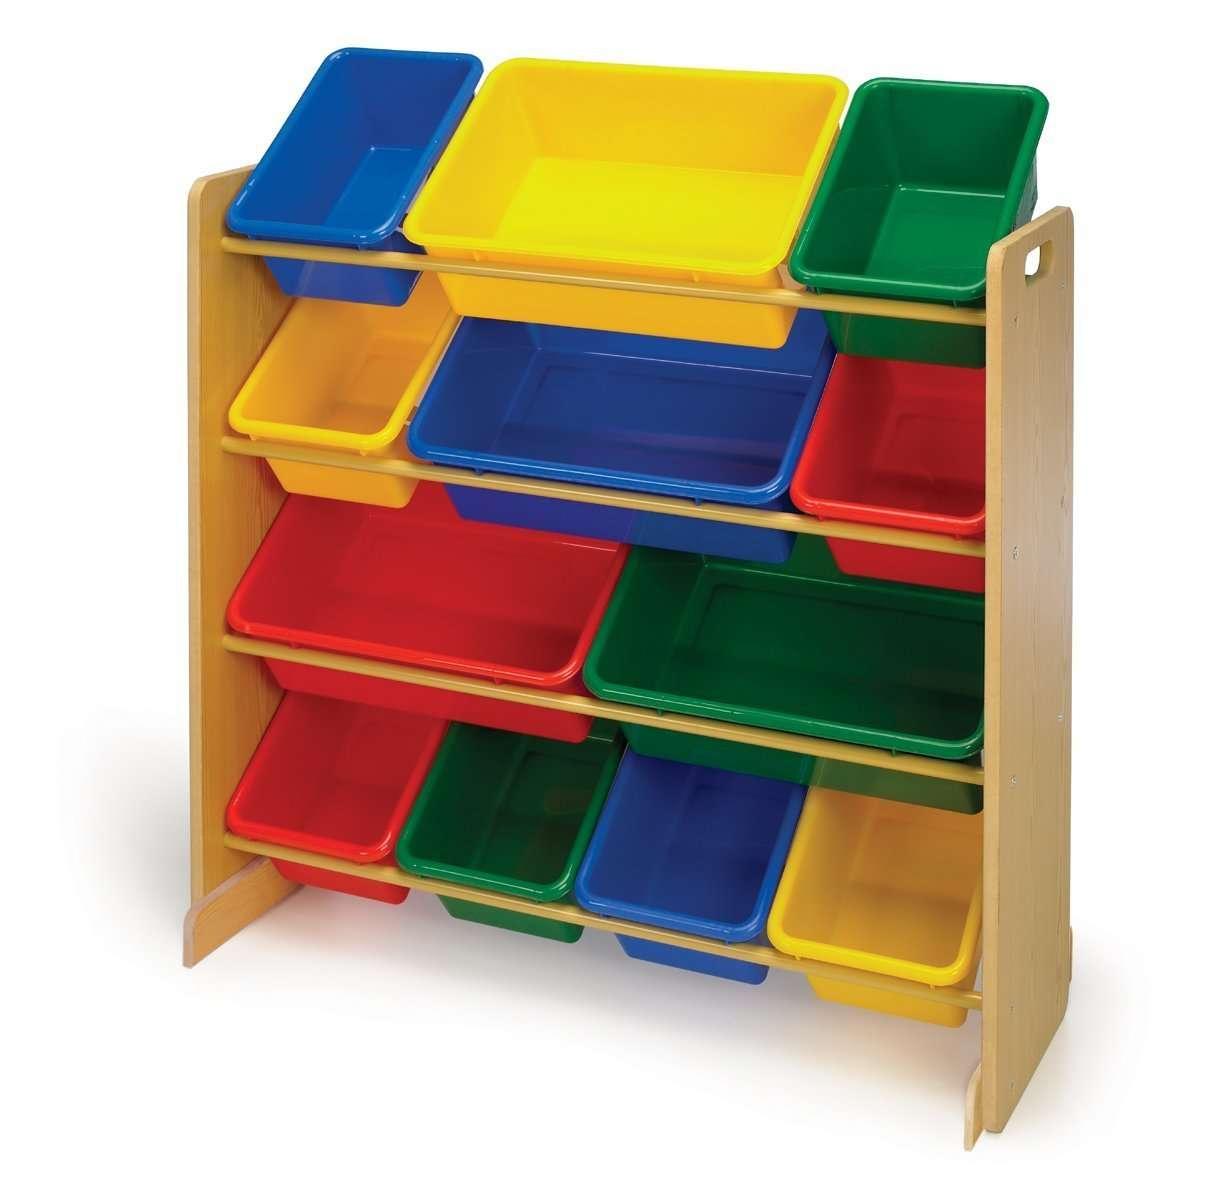 Organizador de juguetes para ni os juguetero 2 - Organizador de juguetes ...